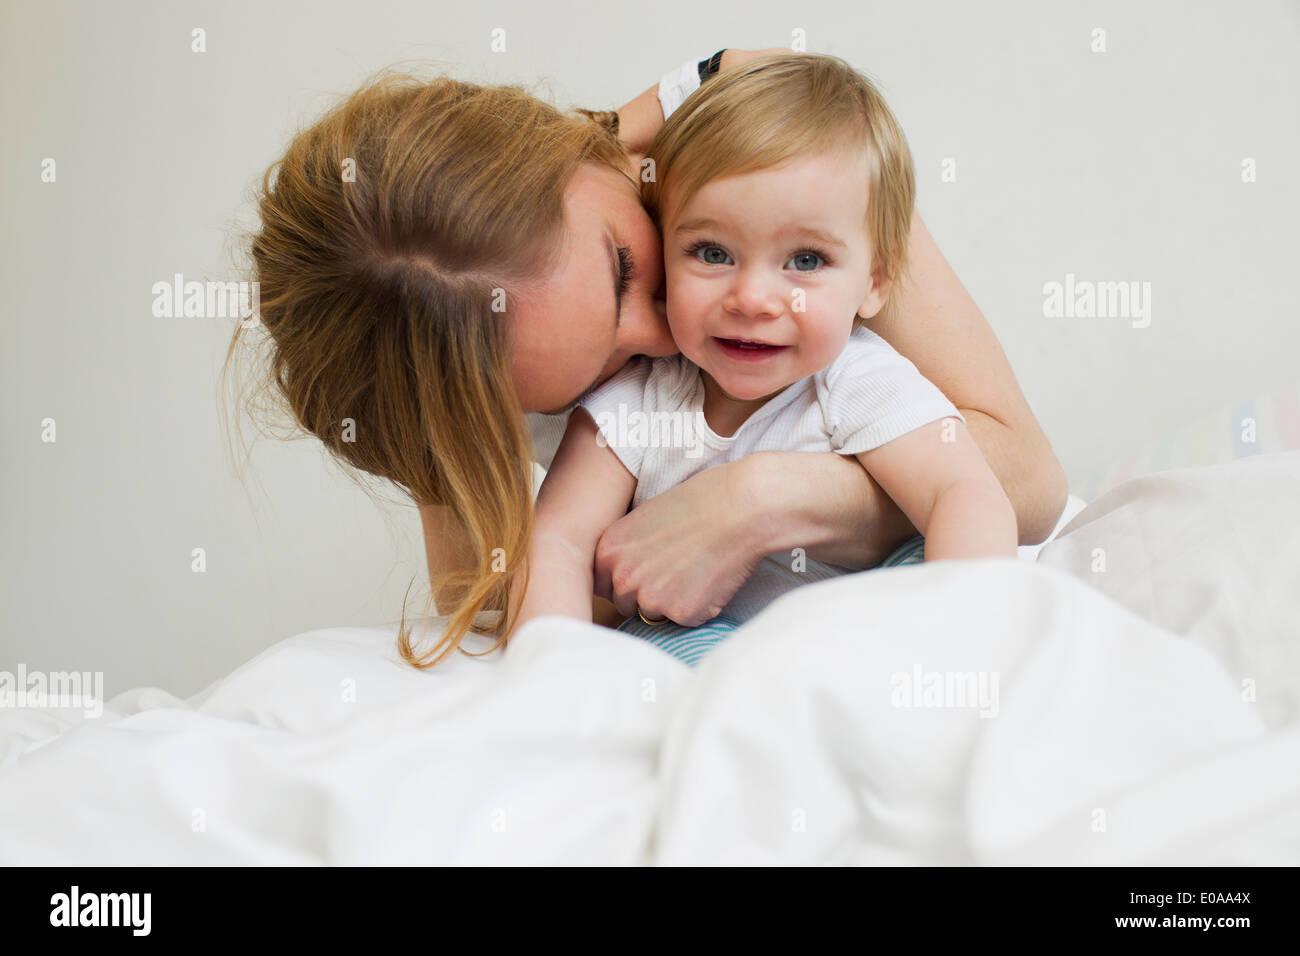 Ritratto di metà donna adulta abbracciando il suo anno di età Baby girl Immagini Stock